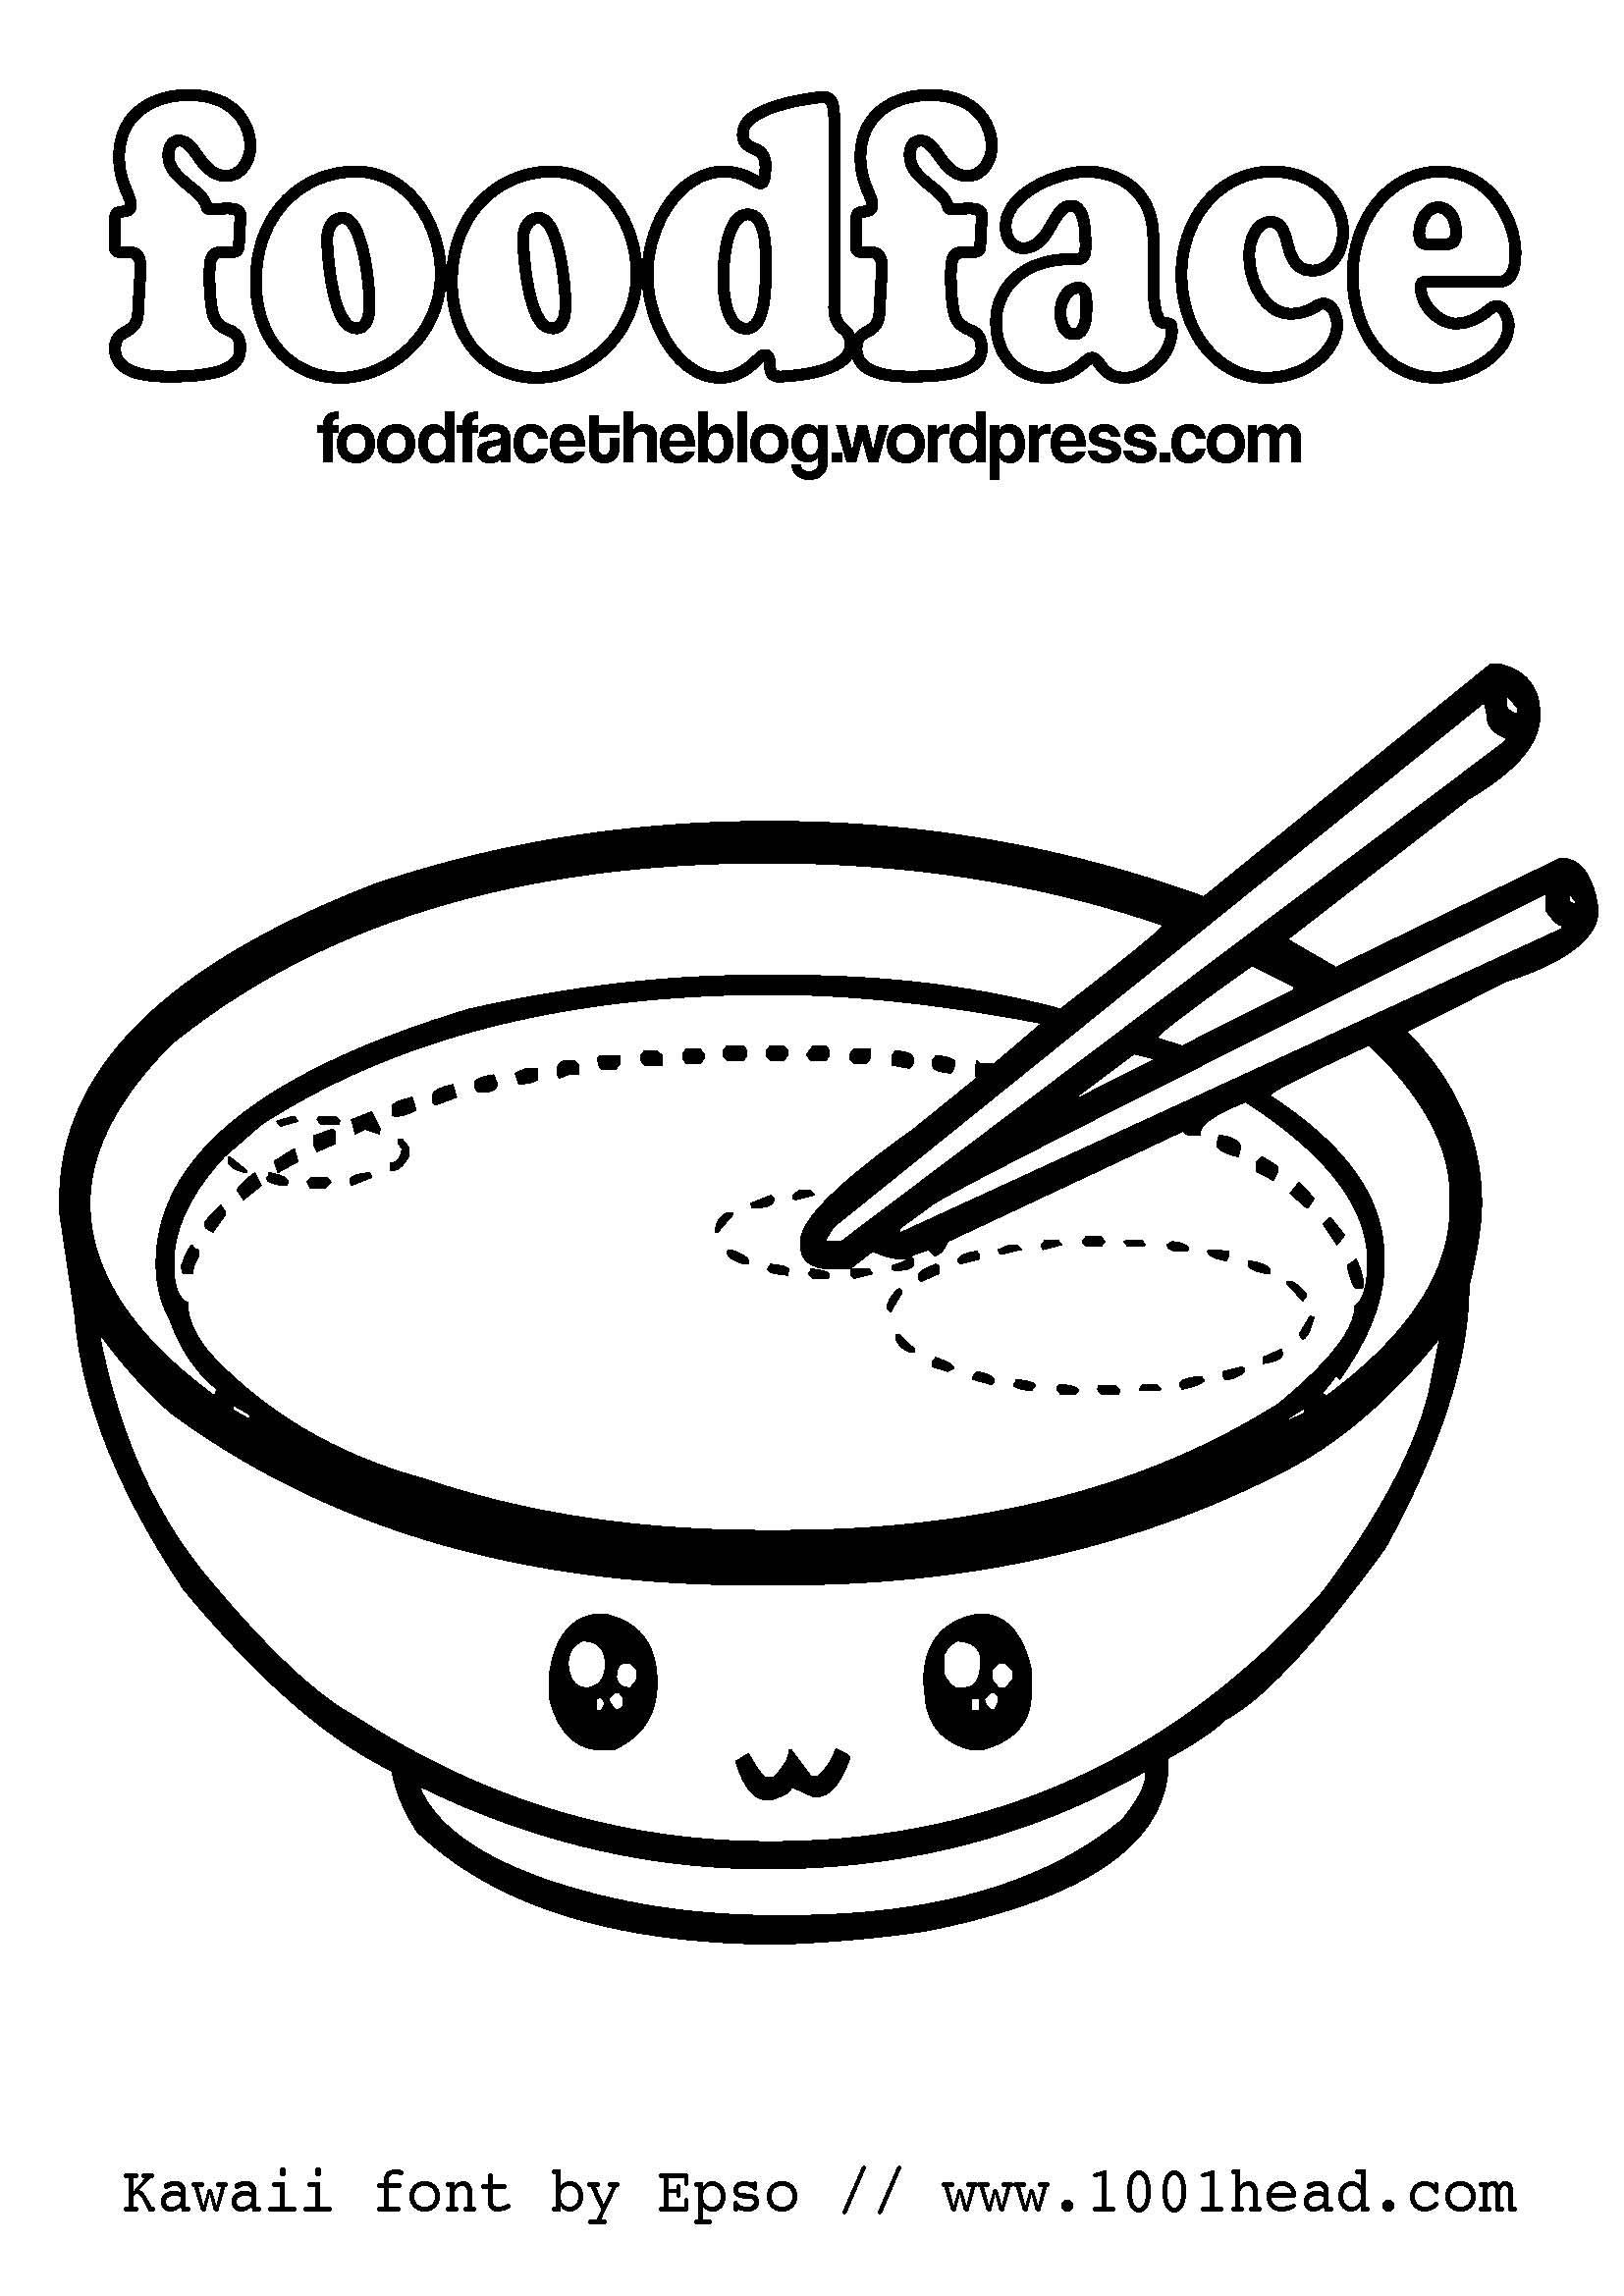 Kawaii Coloring Pages Food : kawaii, coloring, pages, Kawaii, Coloring, Pages